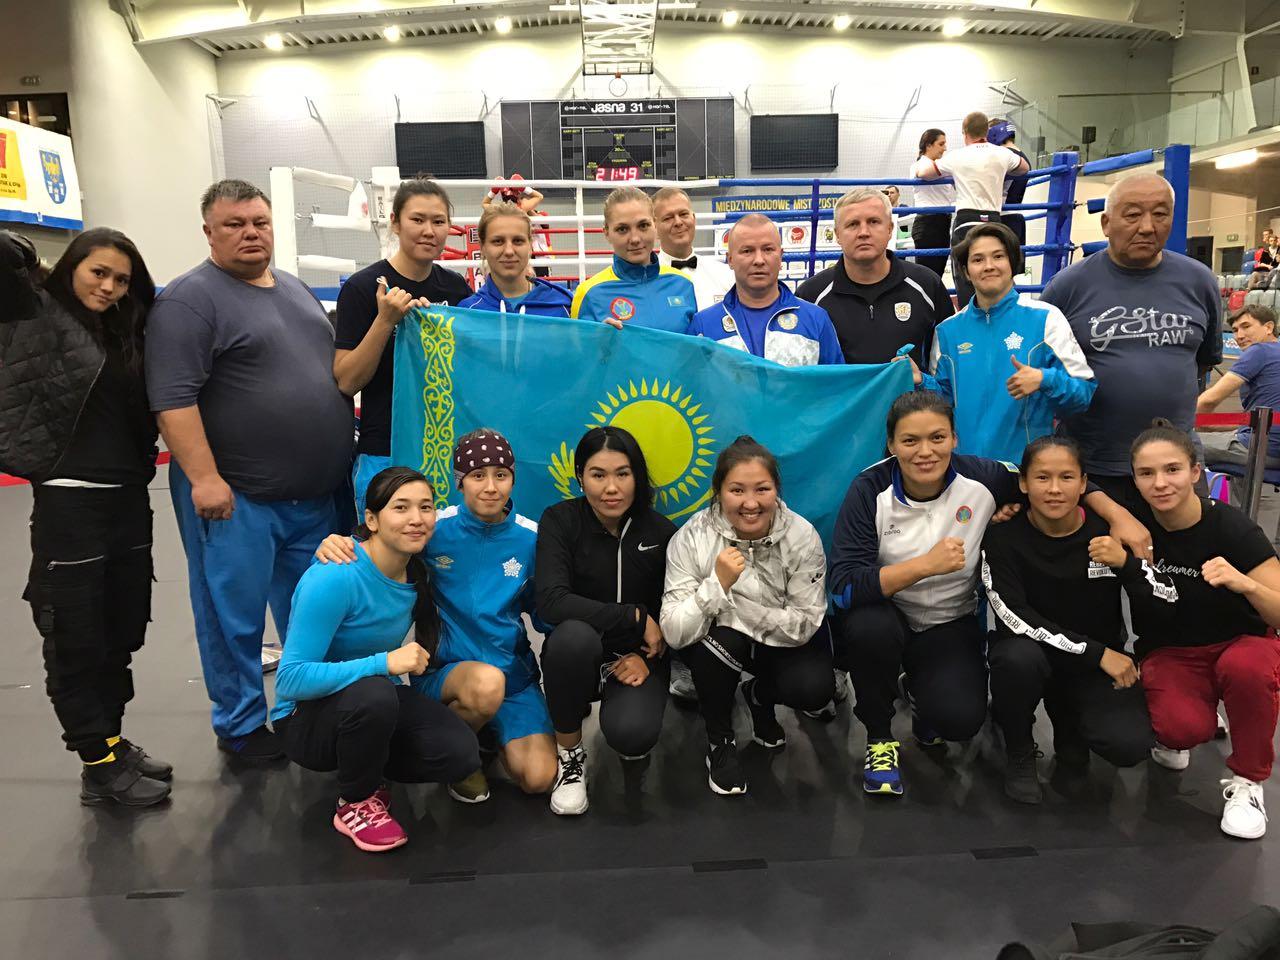 Турнир в Гливице: шесть медалей от девушек-боксёров